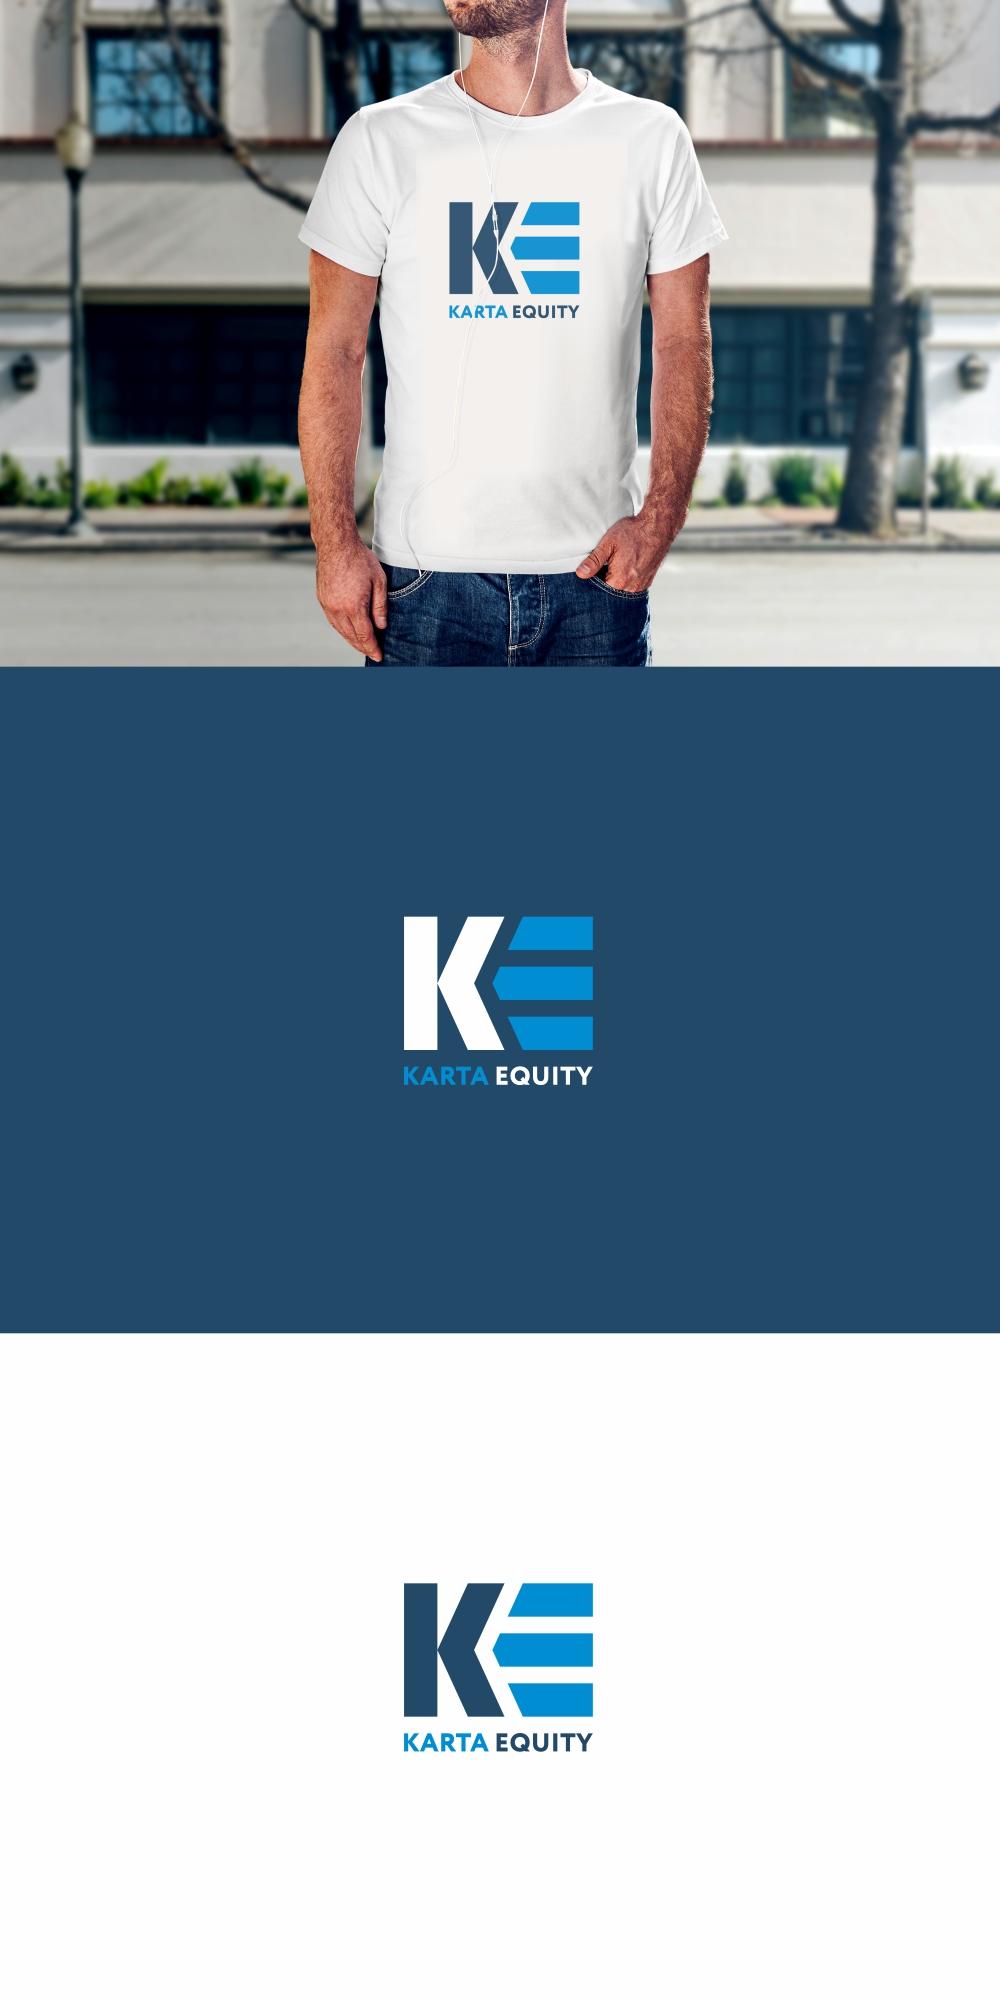 Логотип для компании инвестироваюшей в жилую недвижимость фото f_5115e1a9171b2ae9.jpg